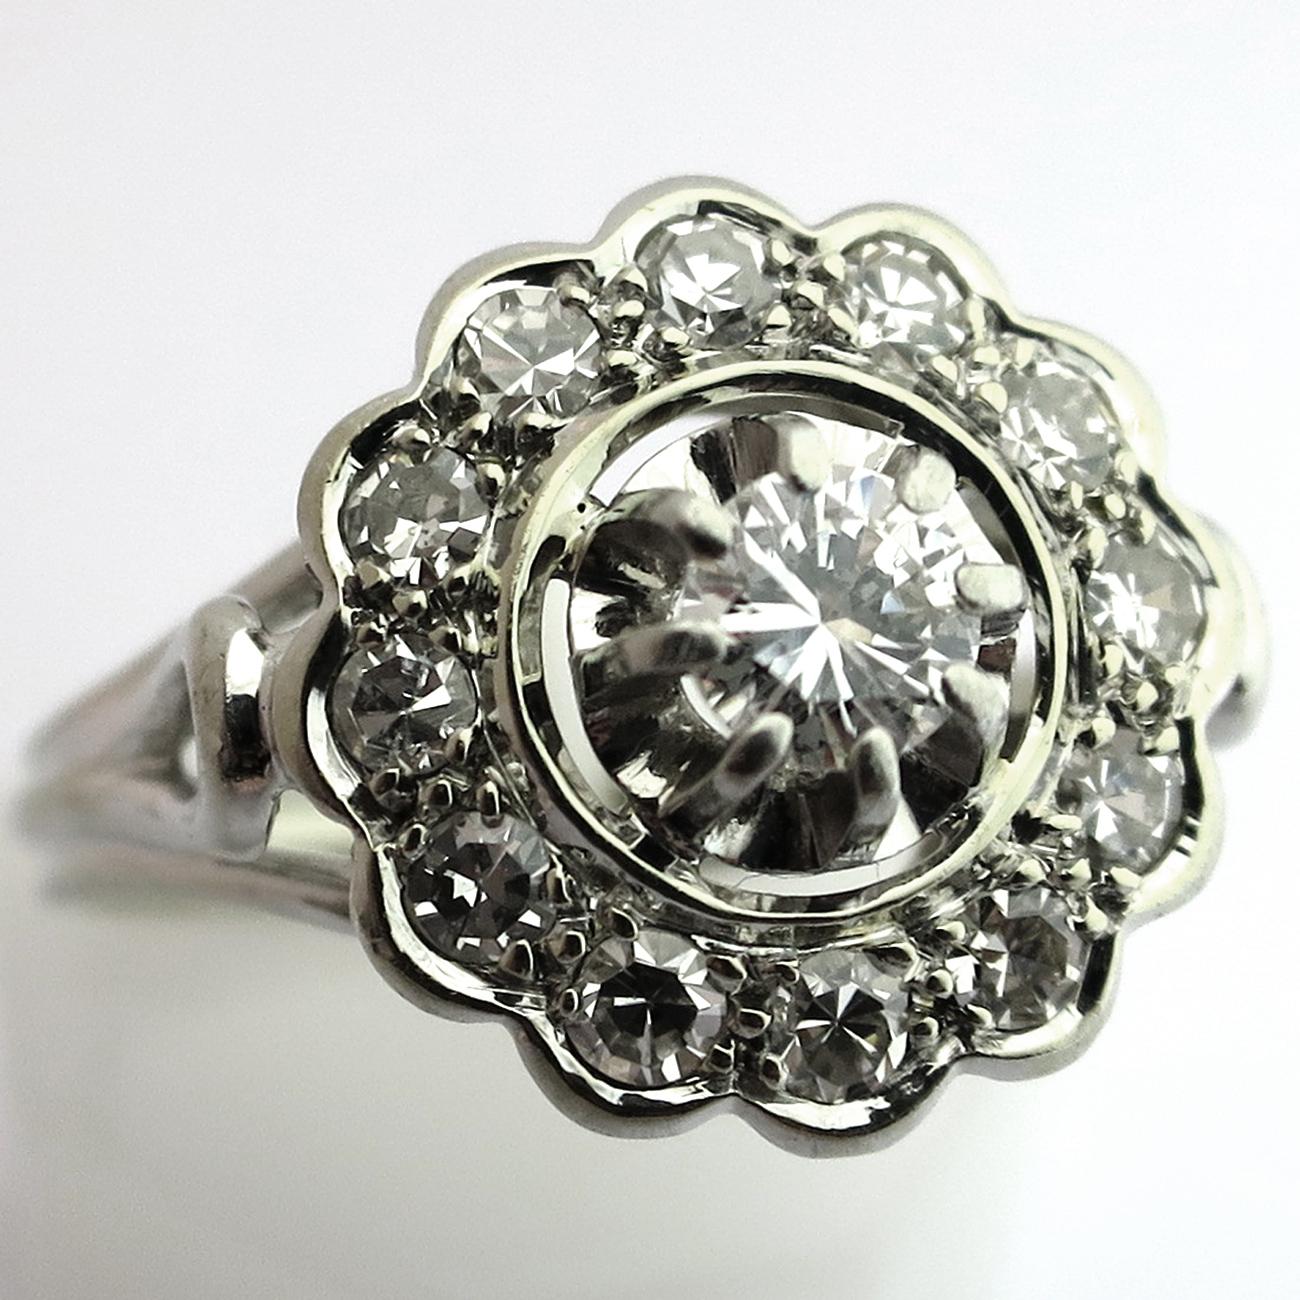 Bijoux Anciens Occasion : bijoux anciens occasion bague diamants ancienne forme fleur 1528 bijoux anciens paris or ~ Maxctalentgroup.com Avis de Voitures